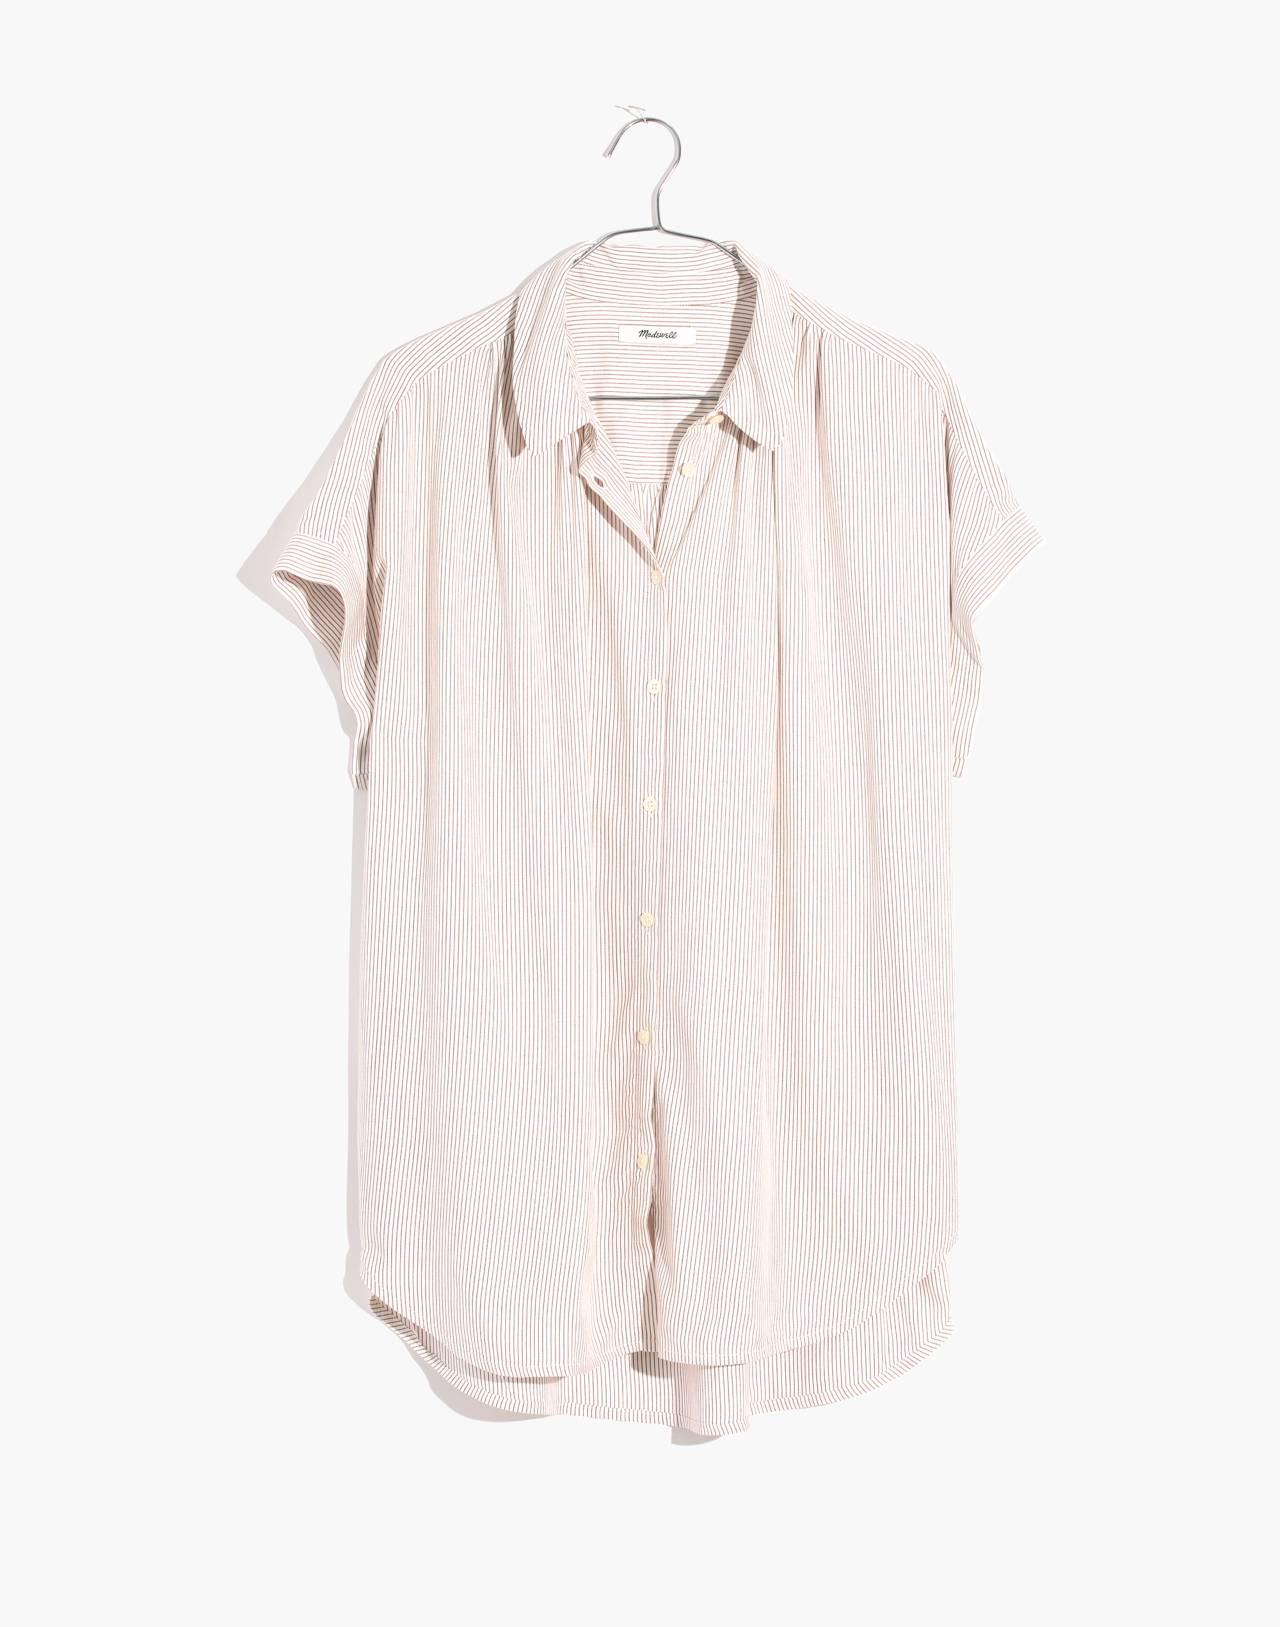 Central Shirt in Luis Stripe in dark cinnabar image 1